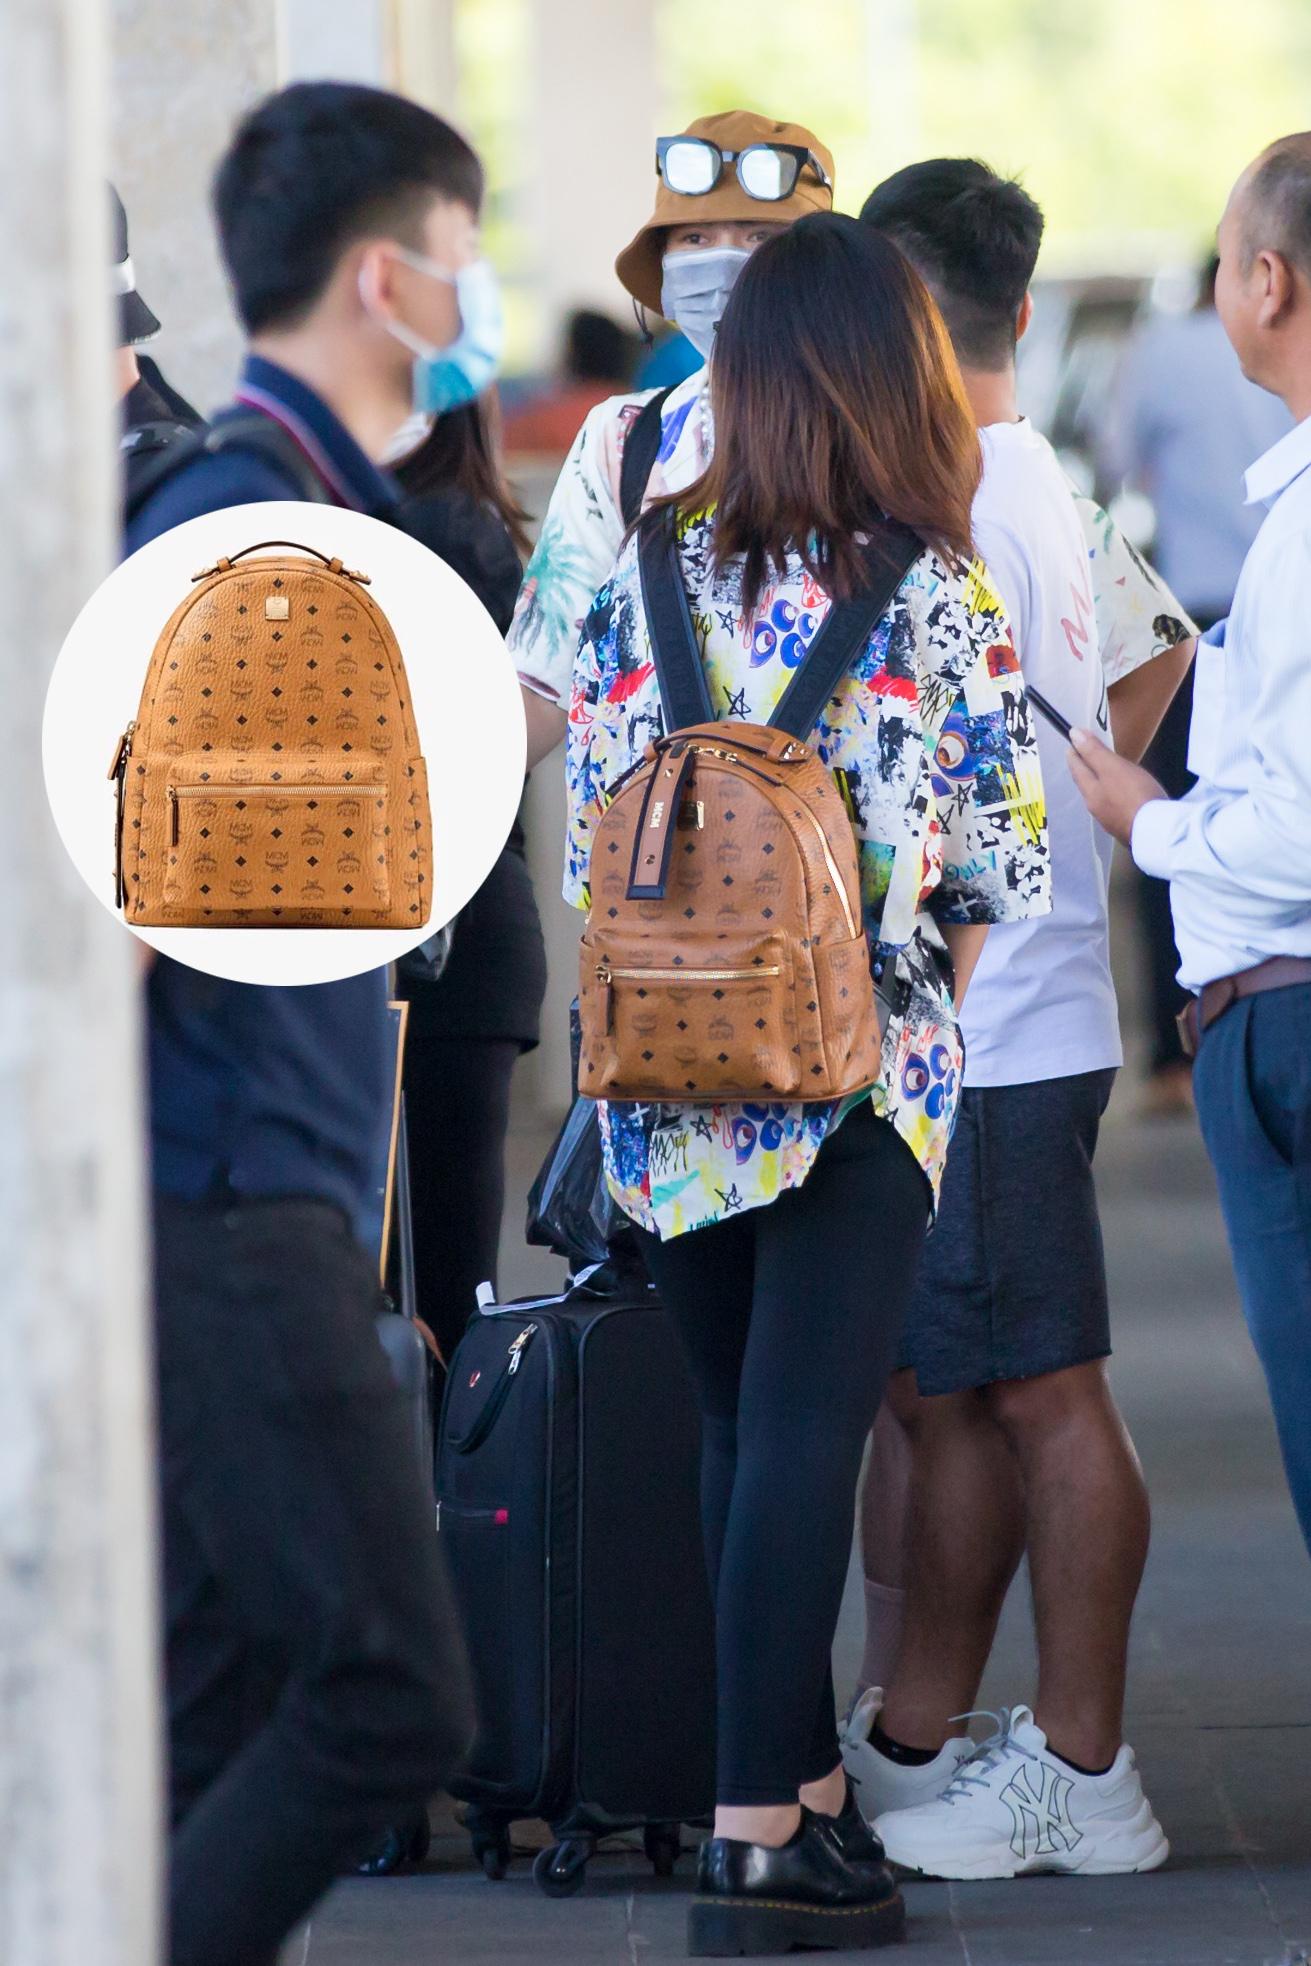 Cặp đôi Công Phượng - Viên Minh giản dị xuất hiện ở sân bay, thể hiện tình cảm cực tinh tế bằng 1 món hàng hiệu - Ảnh 9.